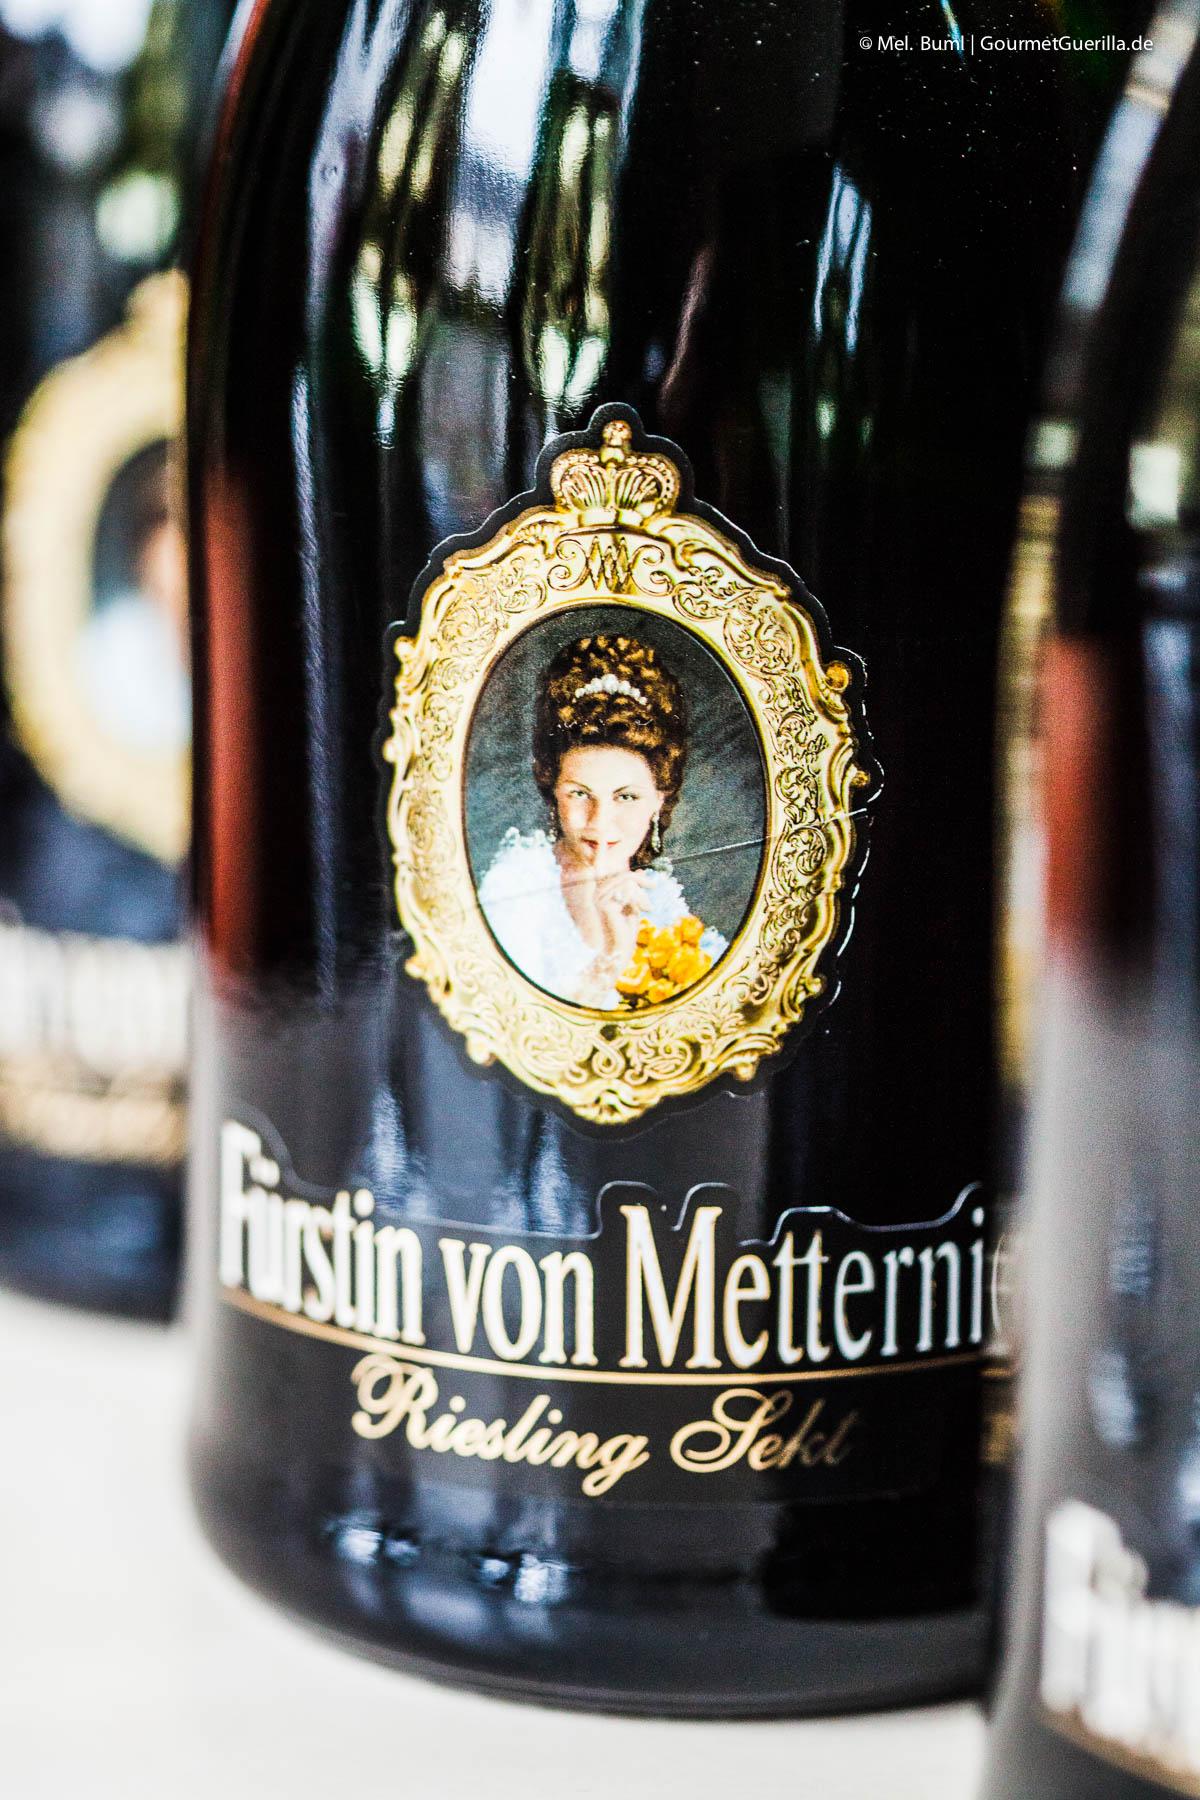 Cheers zum Weltfrauentag - Sekt Sonderedition Fürstin von Metternich |GourmetGuerilla.de